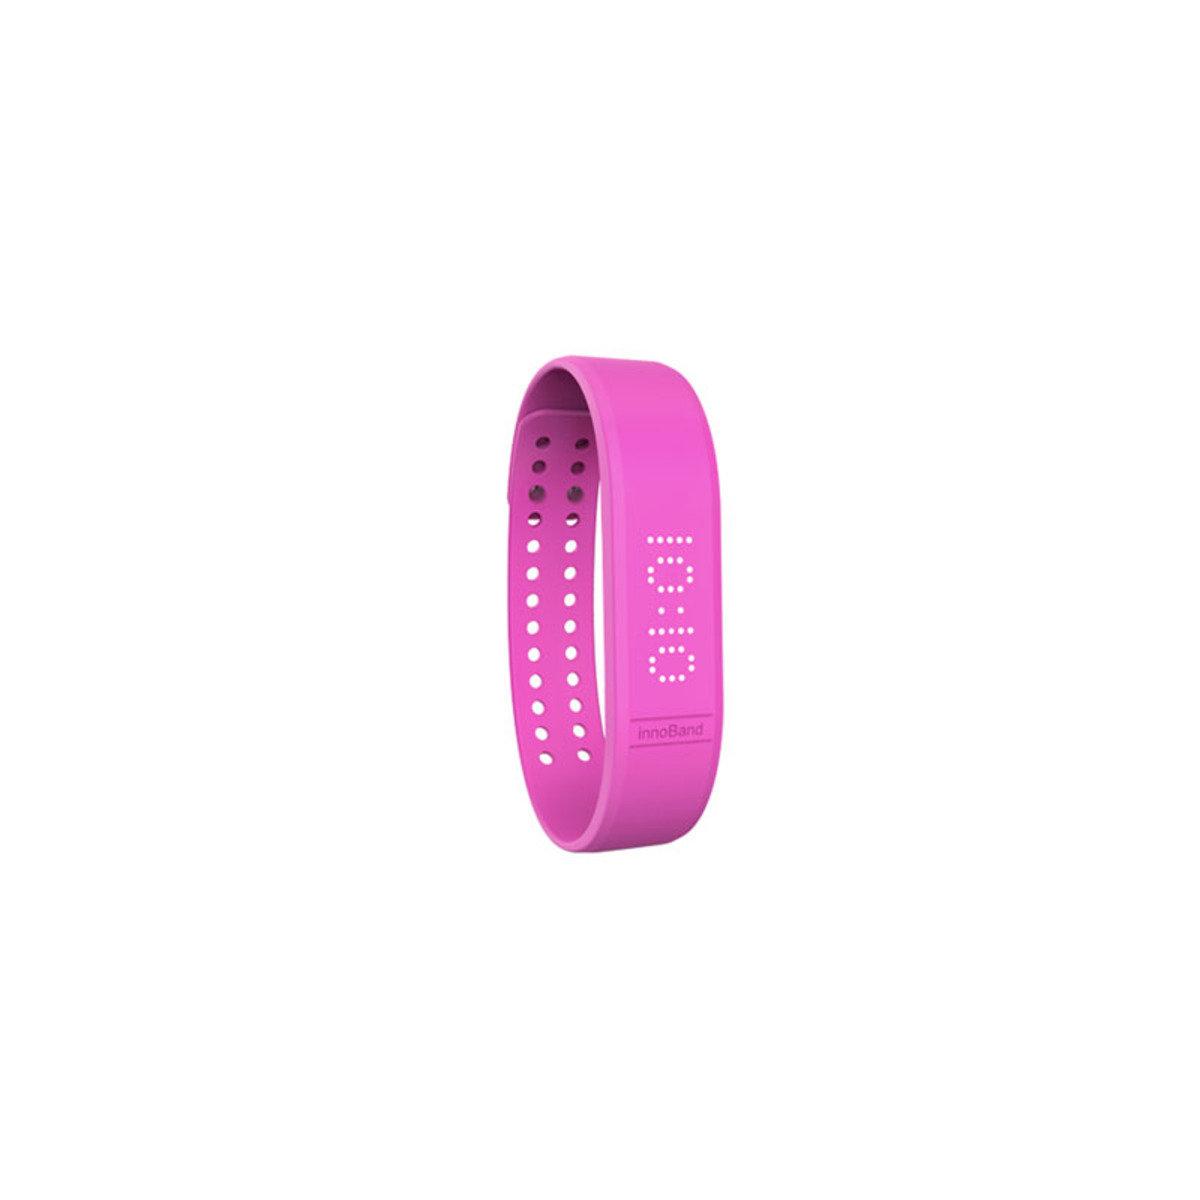 藍芽健康智能手錶 innoBand-D 粉紅